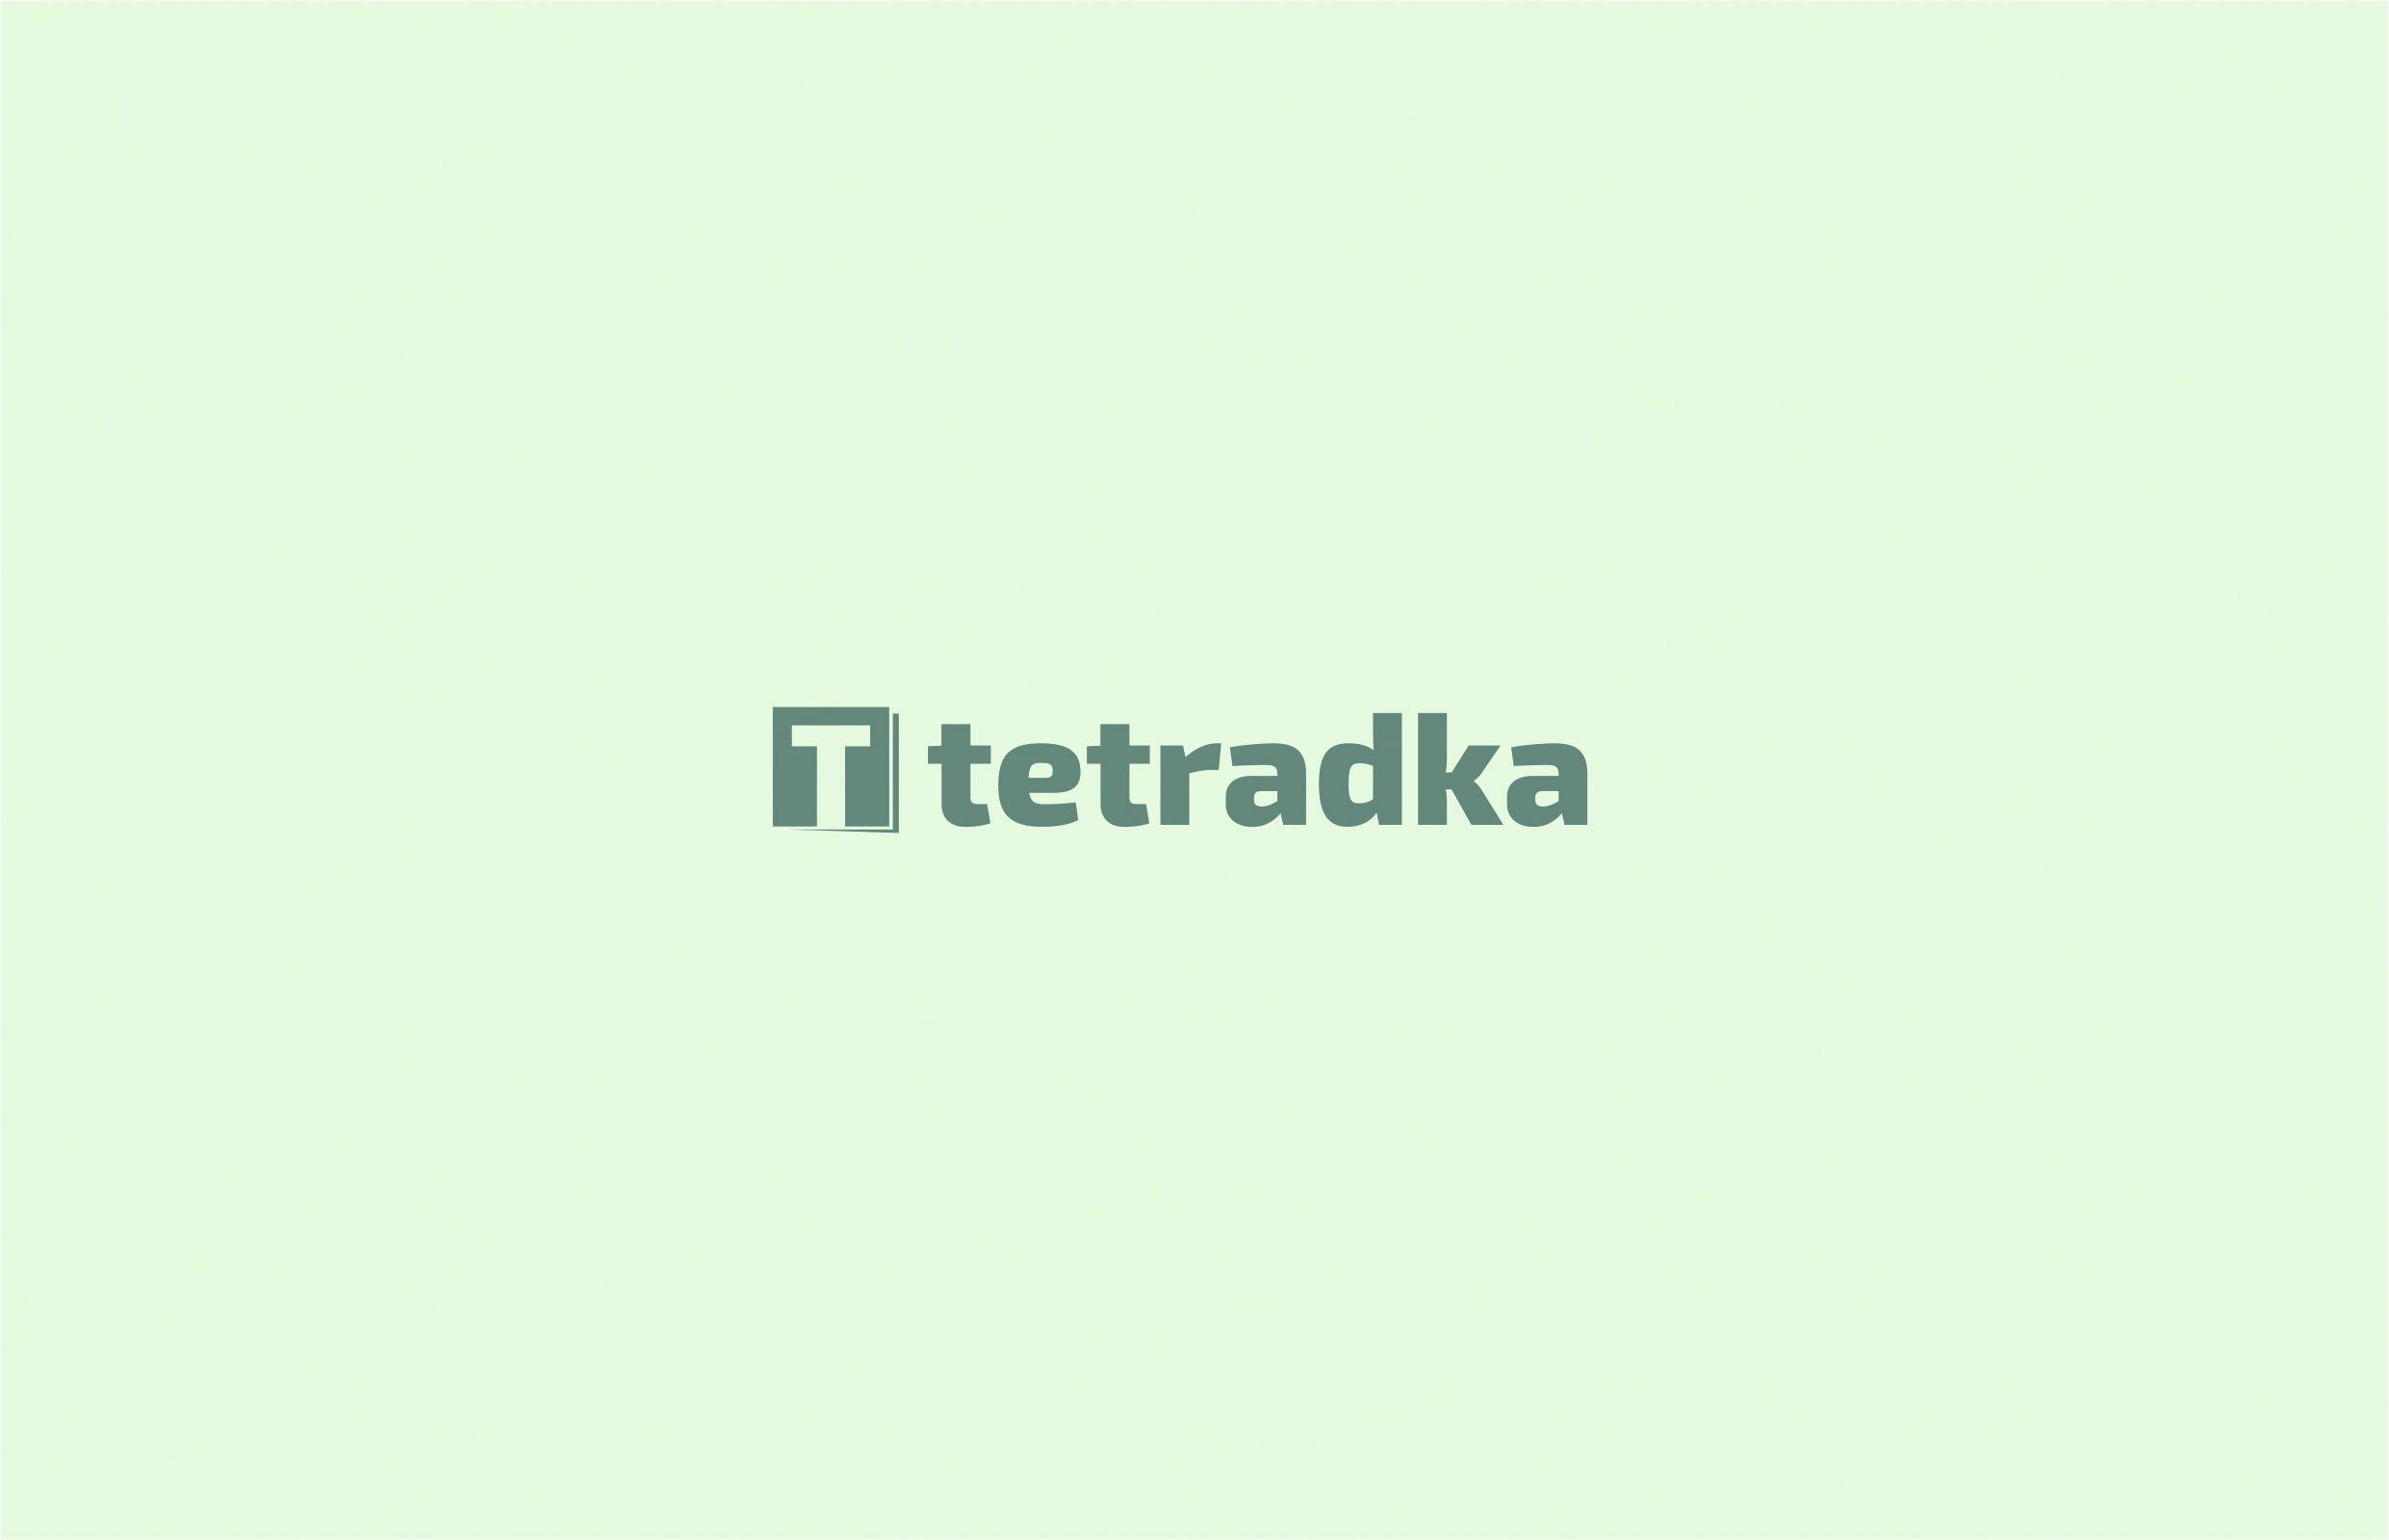 Логотип для образовательной сети tetradka.ru - дизайнер DPerederenkoD